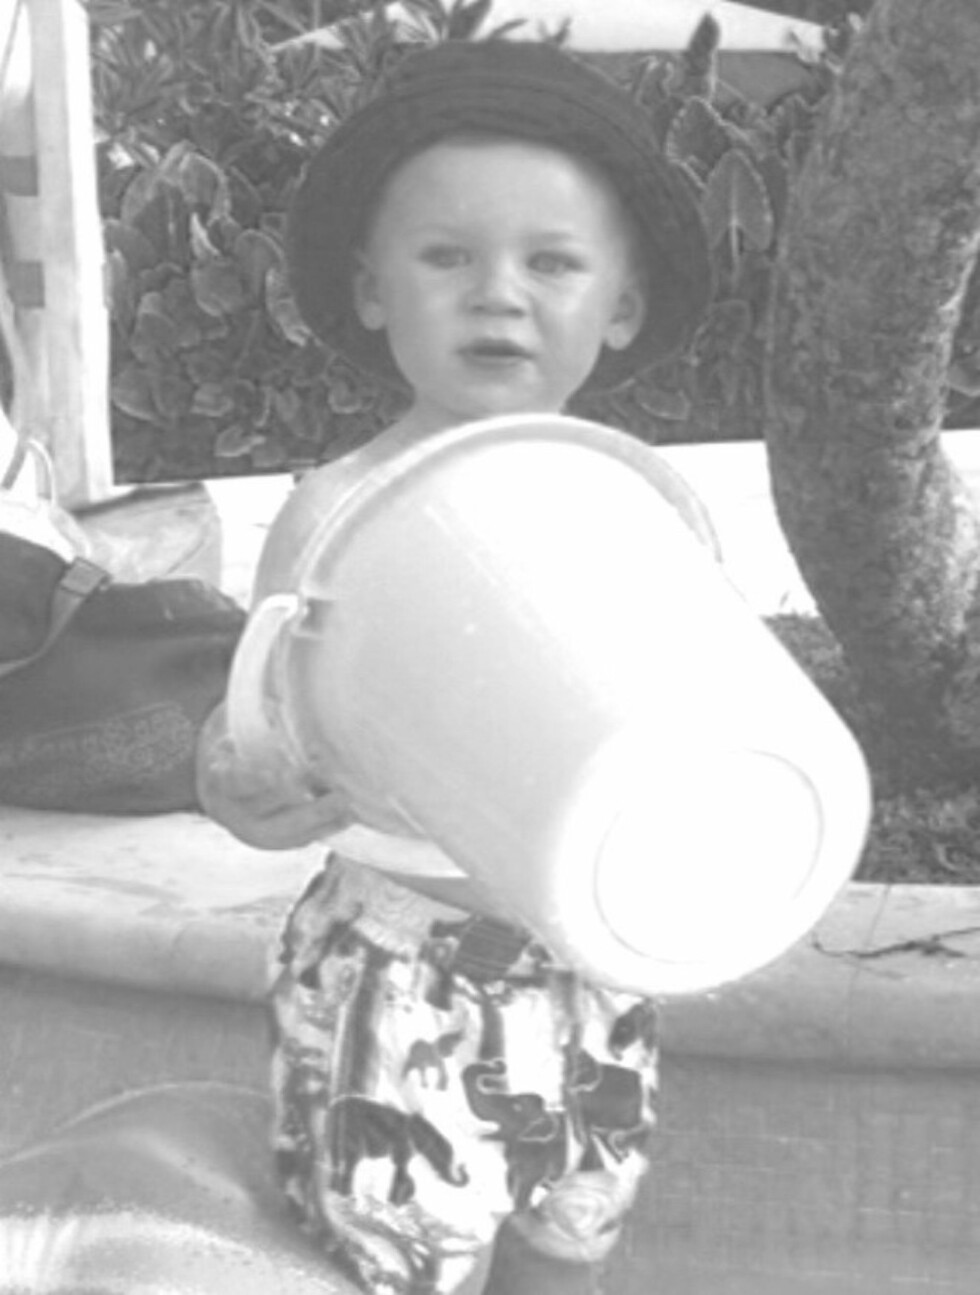 TRAVEL KRABATT: - Kai holder oss opptatt ved bassenget, skrev Wayne Rooney på sin Twitter-side da han la ut et svart-hvitt bilde av sønnen. Foto: Twitter